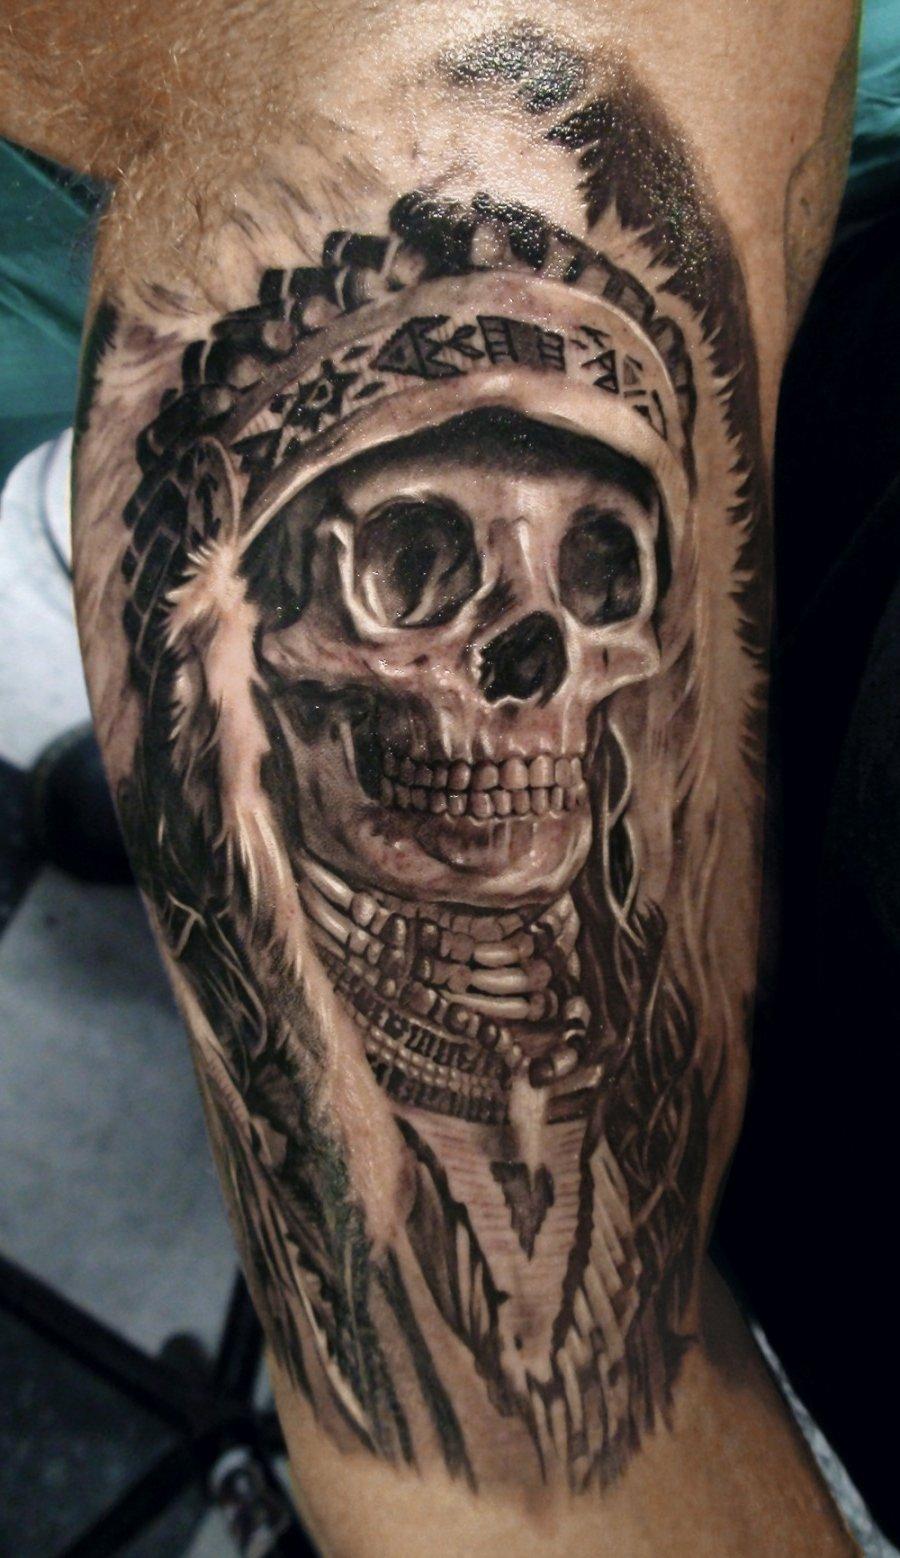 10 Spectacular Skull Tattoo Ideas For Men mens skull tattoo designs 50 skull tattoo design and ideas for men